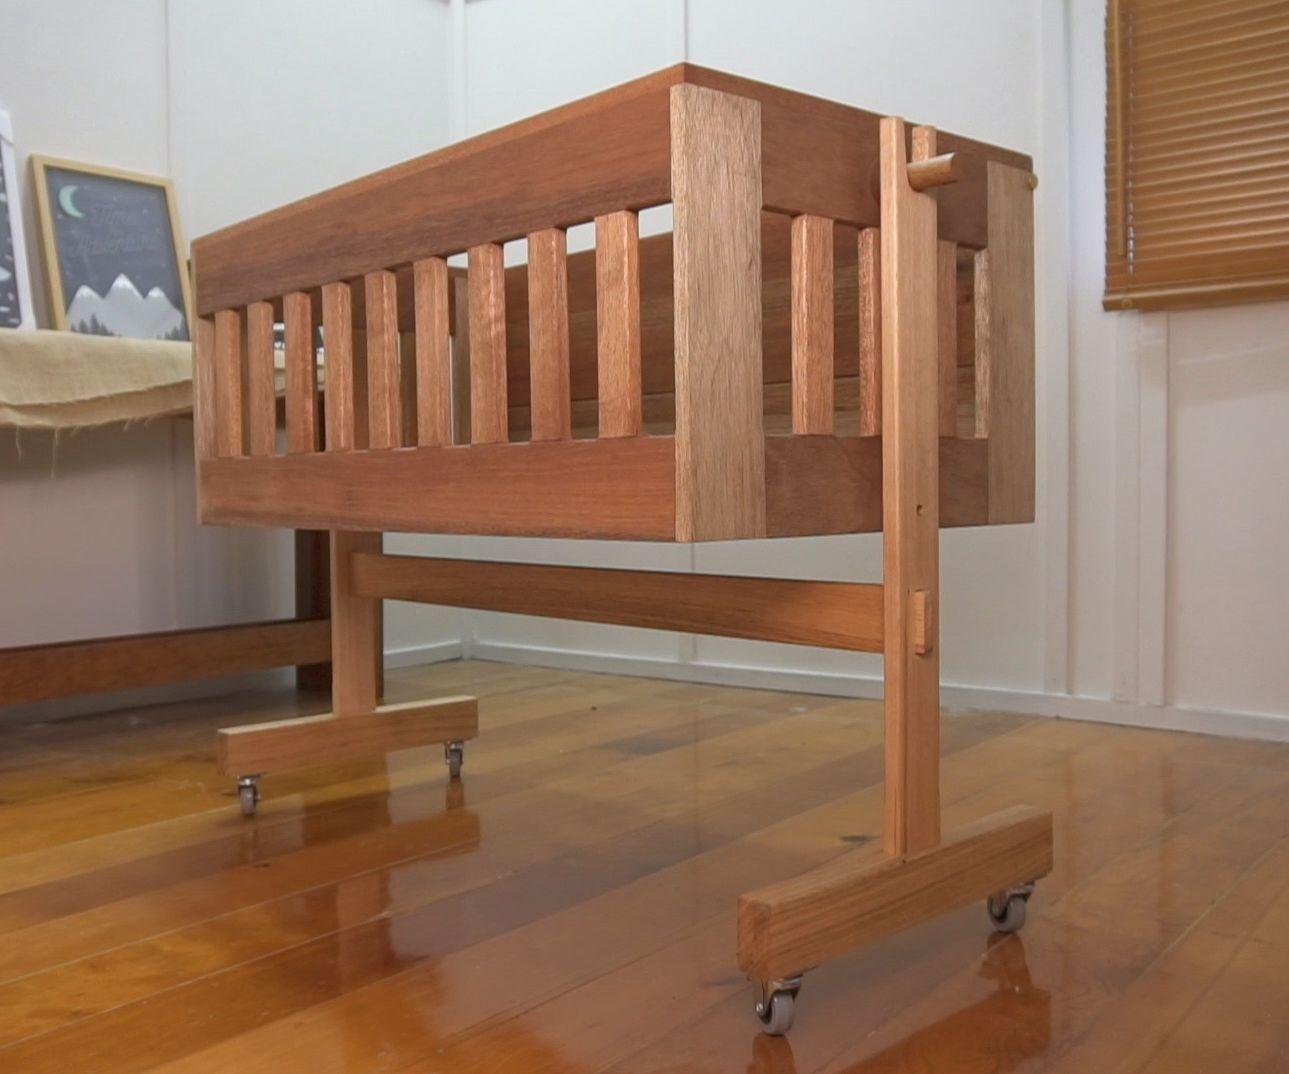 Mobile Baby Crib / Cosleeper